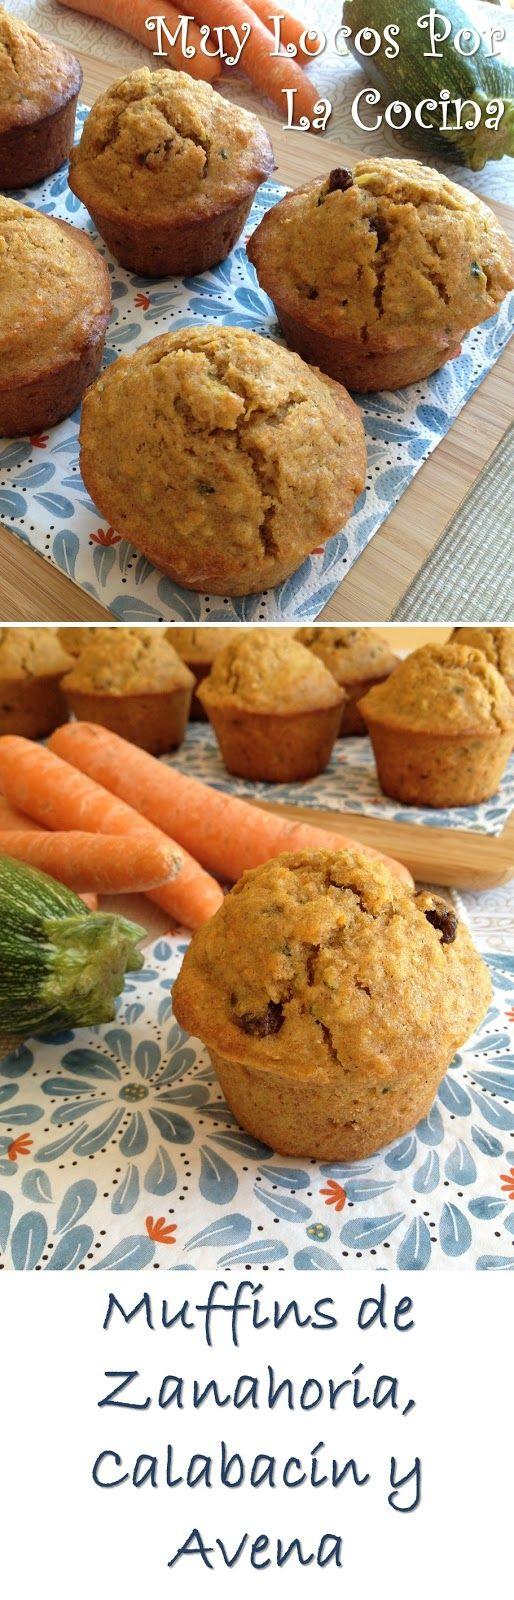 Muffins de Zanahoria, Calabacín y Avena. Puedes encontrar la receta en www.muylocosporlacocina.com.